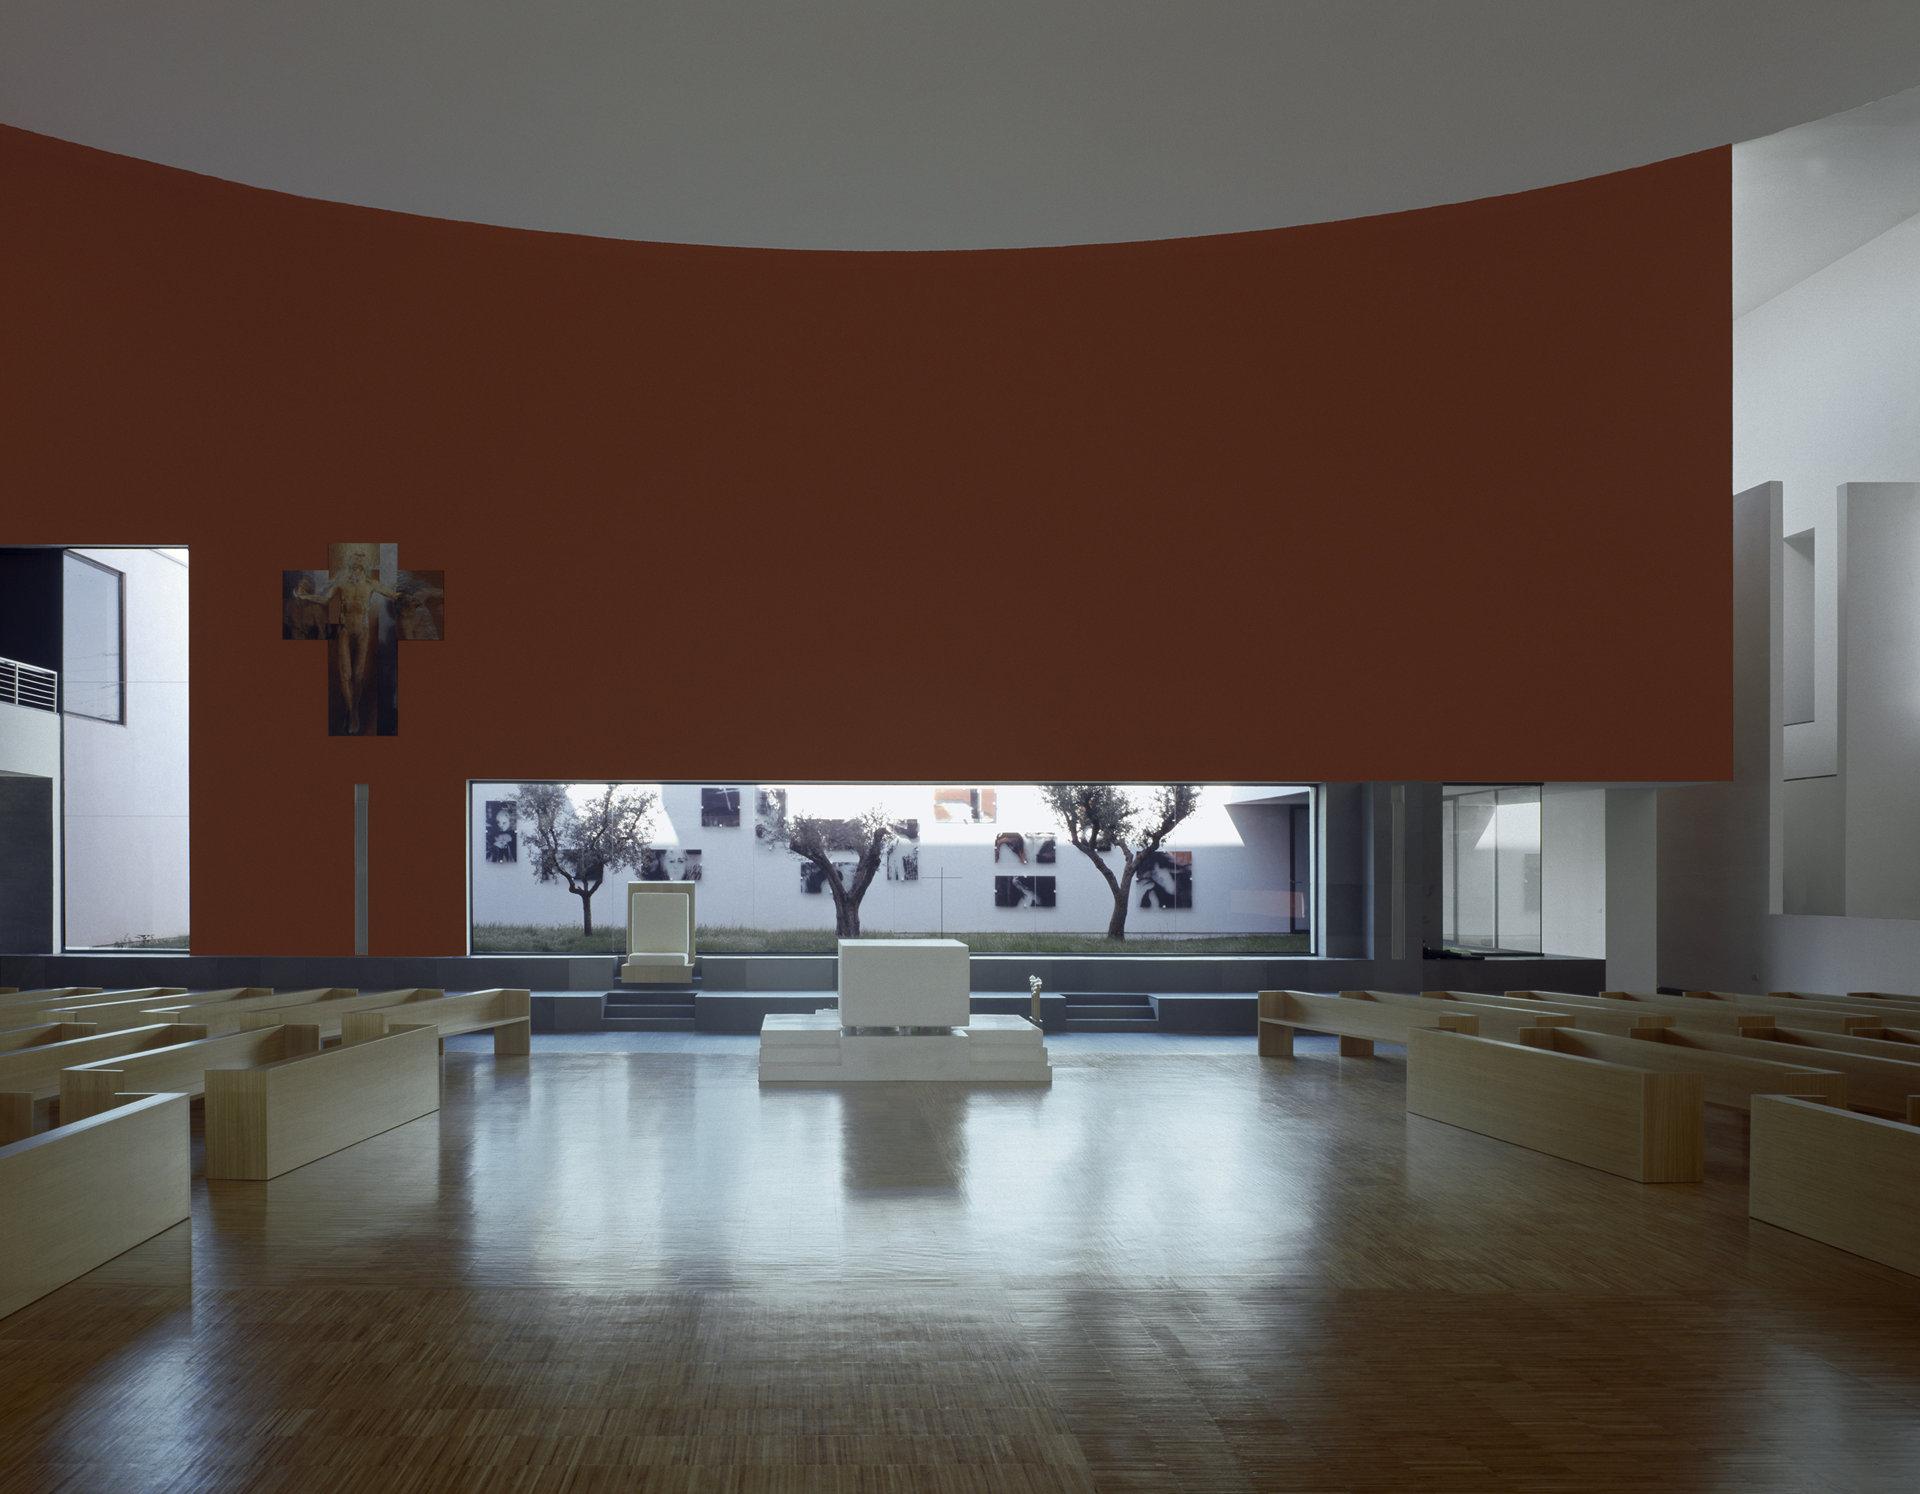 Le pareti interne son ostate rivista per accogliere la distribuzione ellittica dell'assemblea. (Foto courtesy Mauro Galantino)